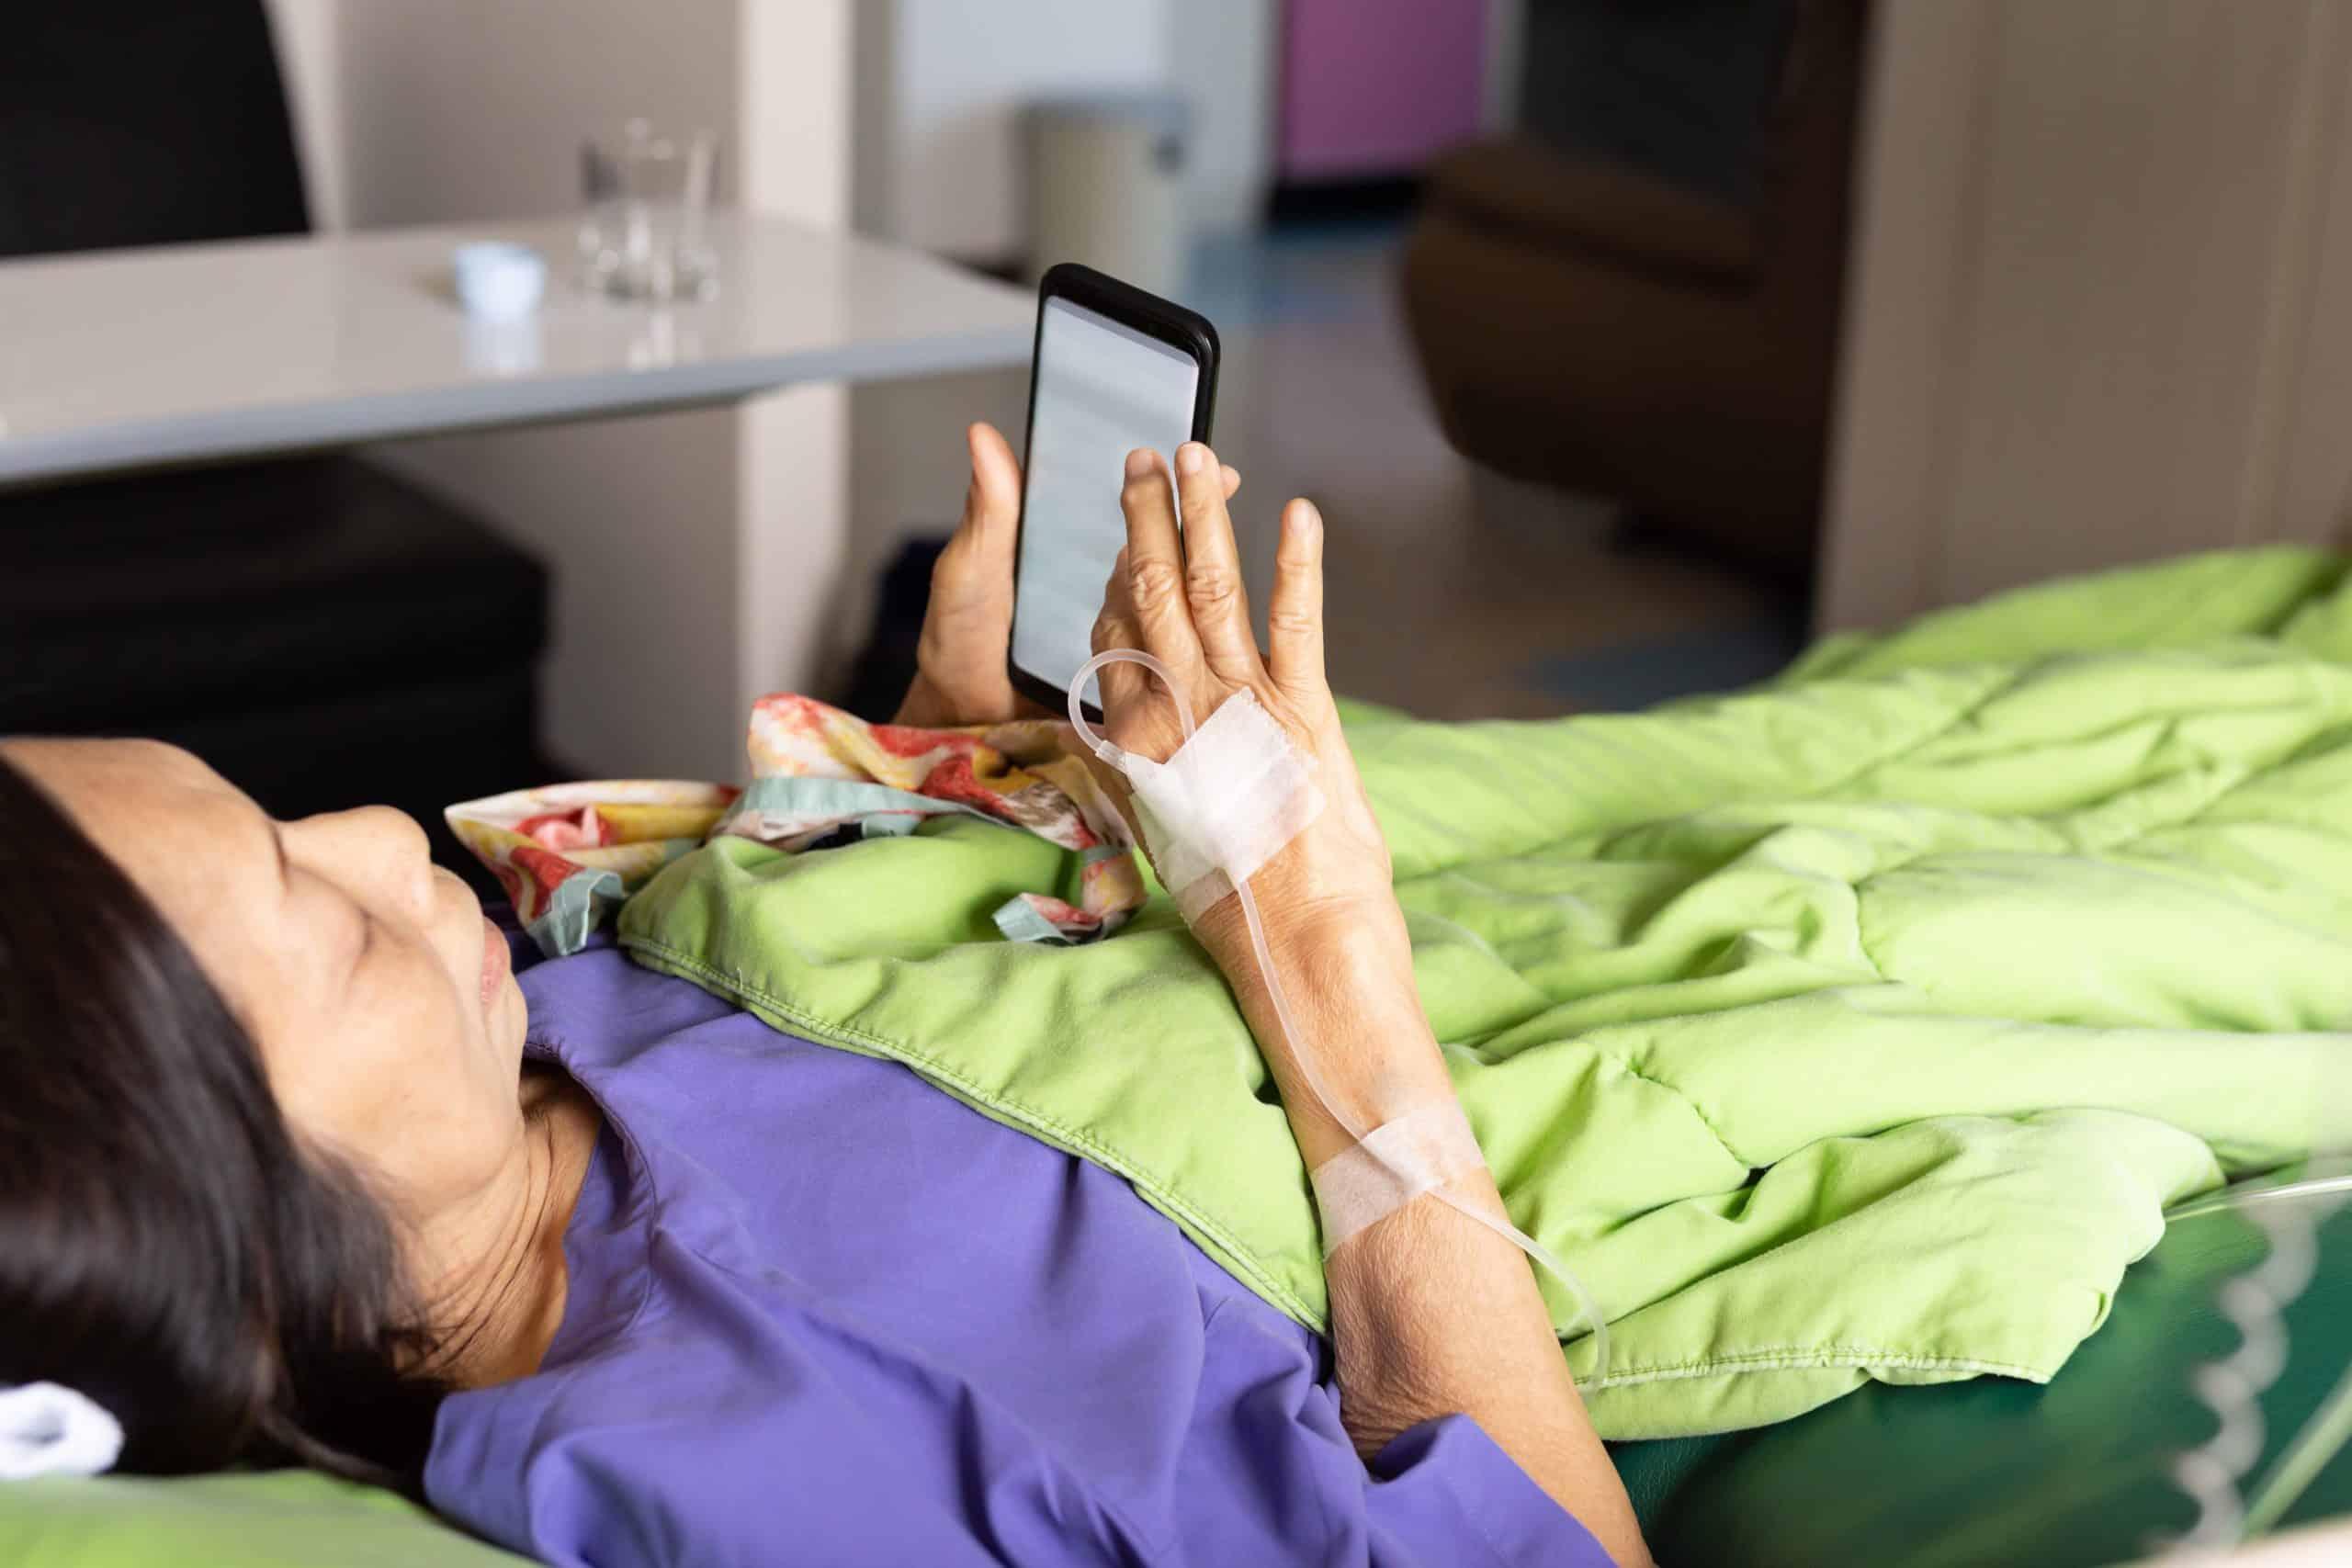 Prova de Vida Digital liberada aos acamados e idosos maiores de 80 anos